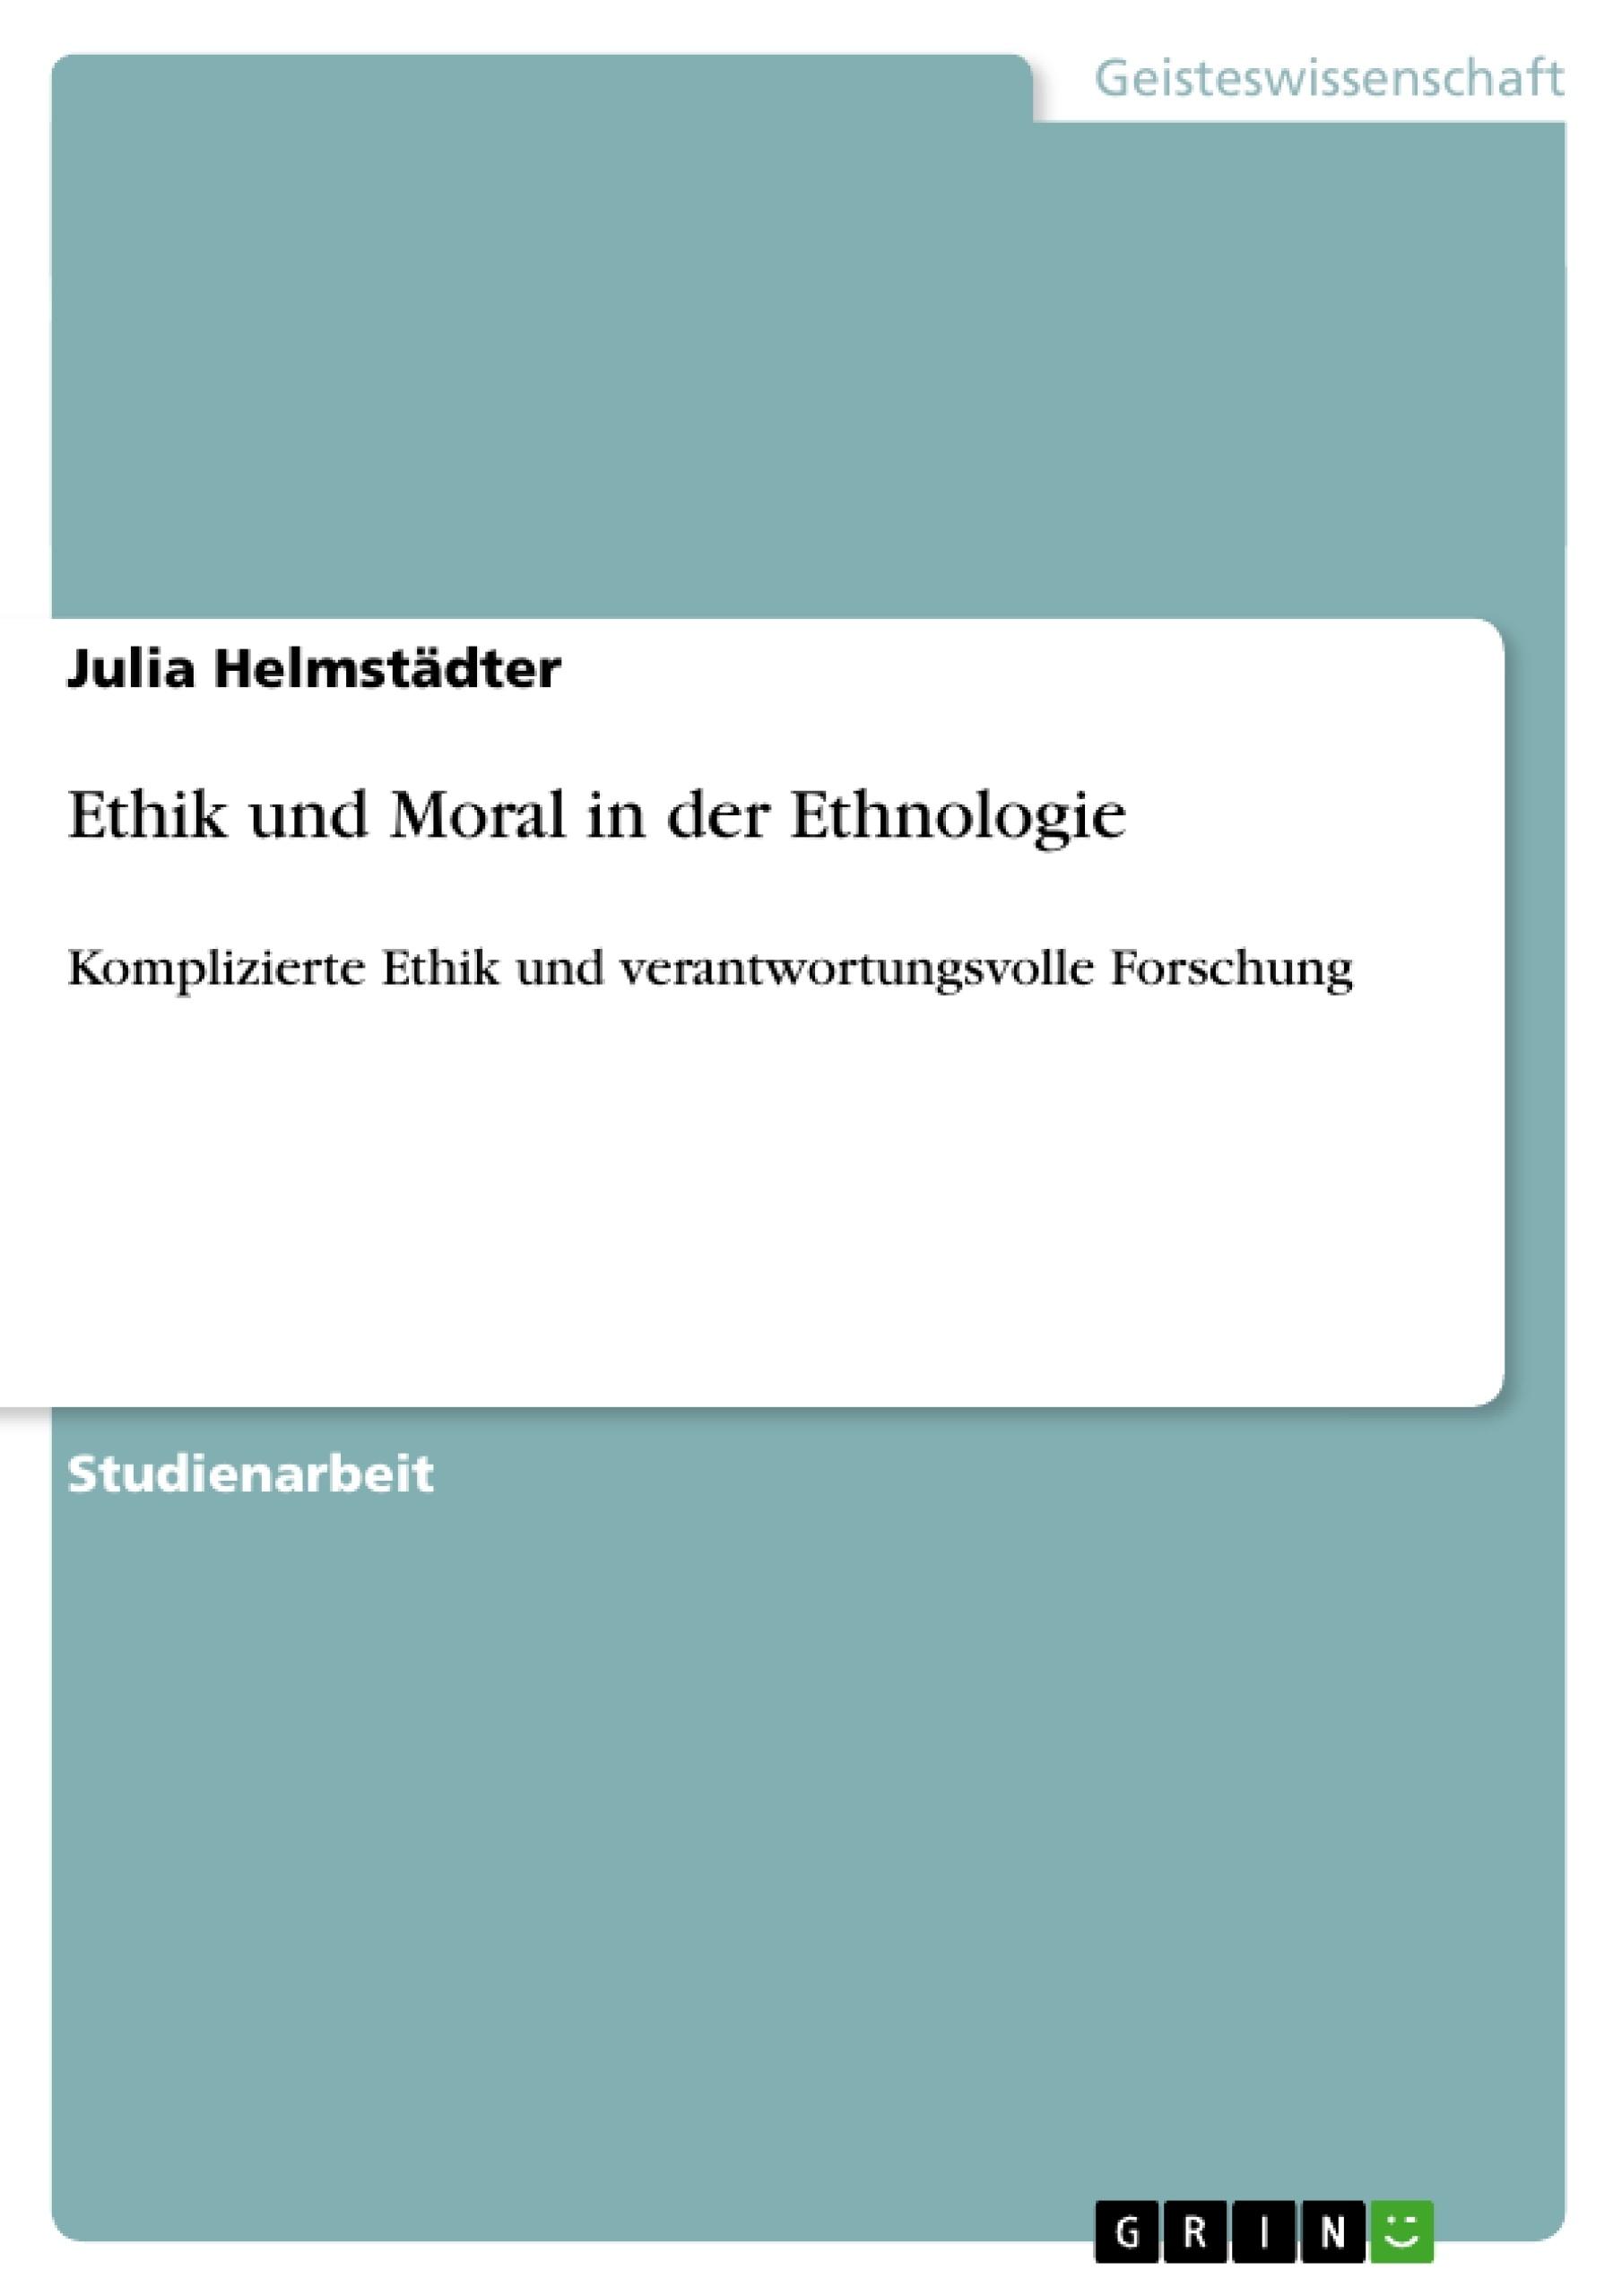 Titel: Ethik und Moral in der Ethnologie